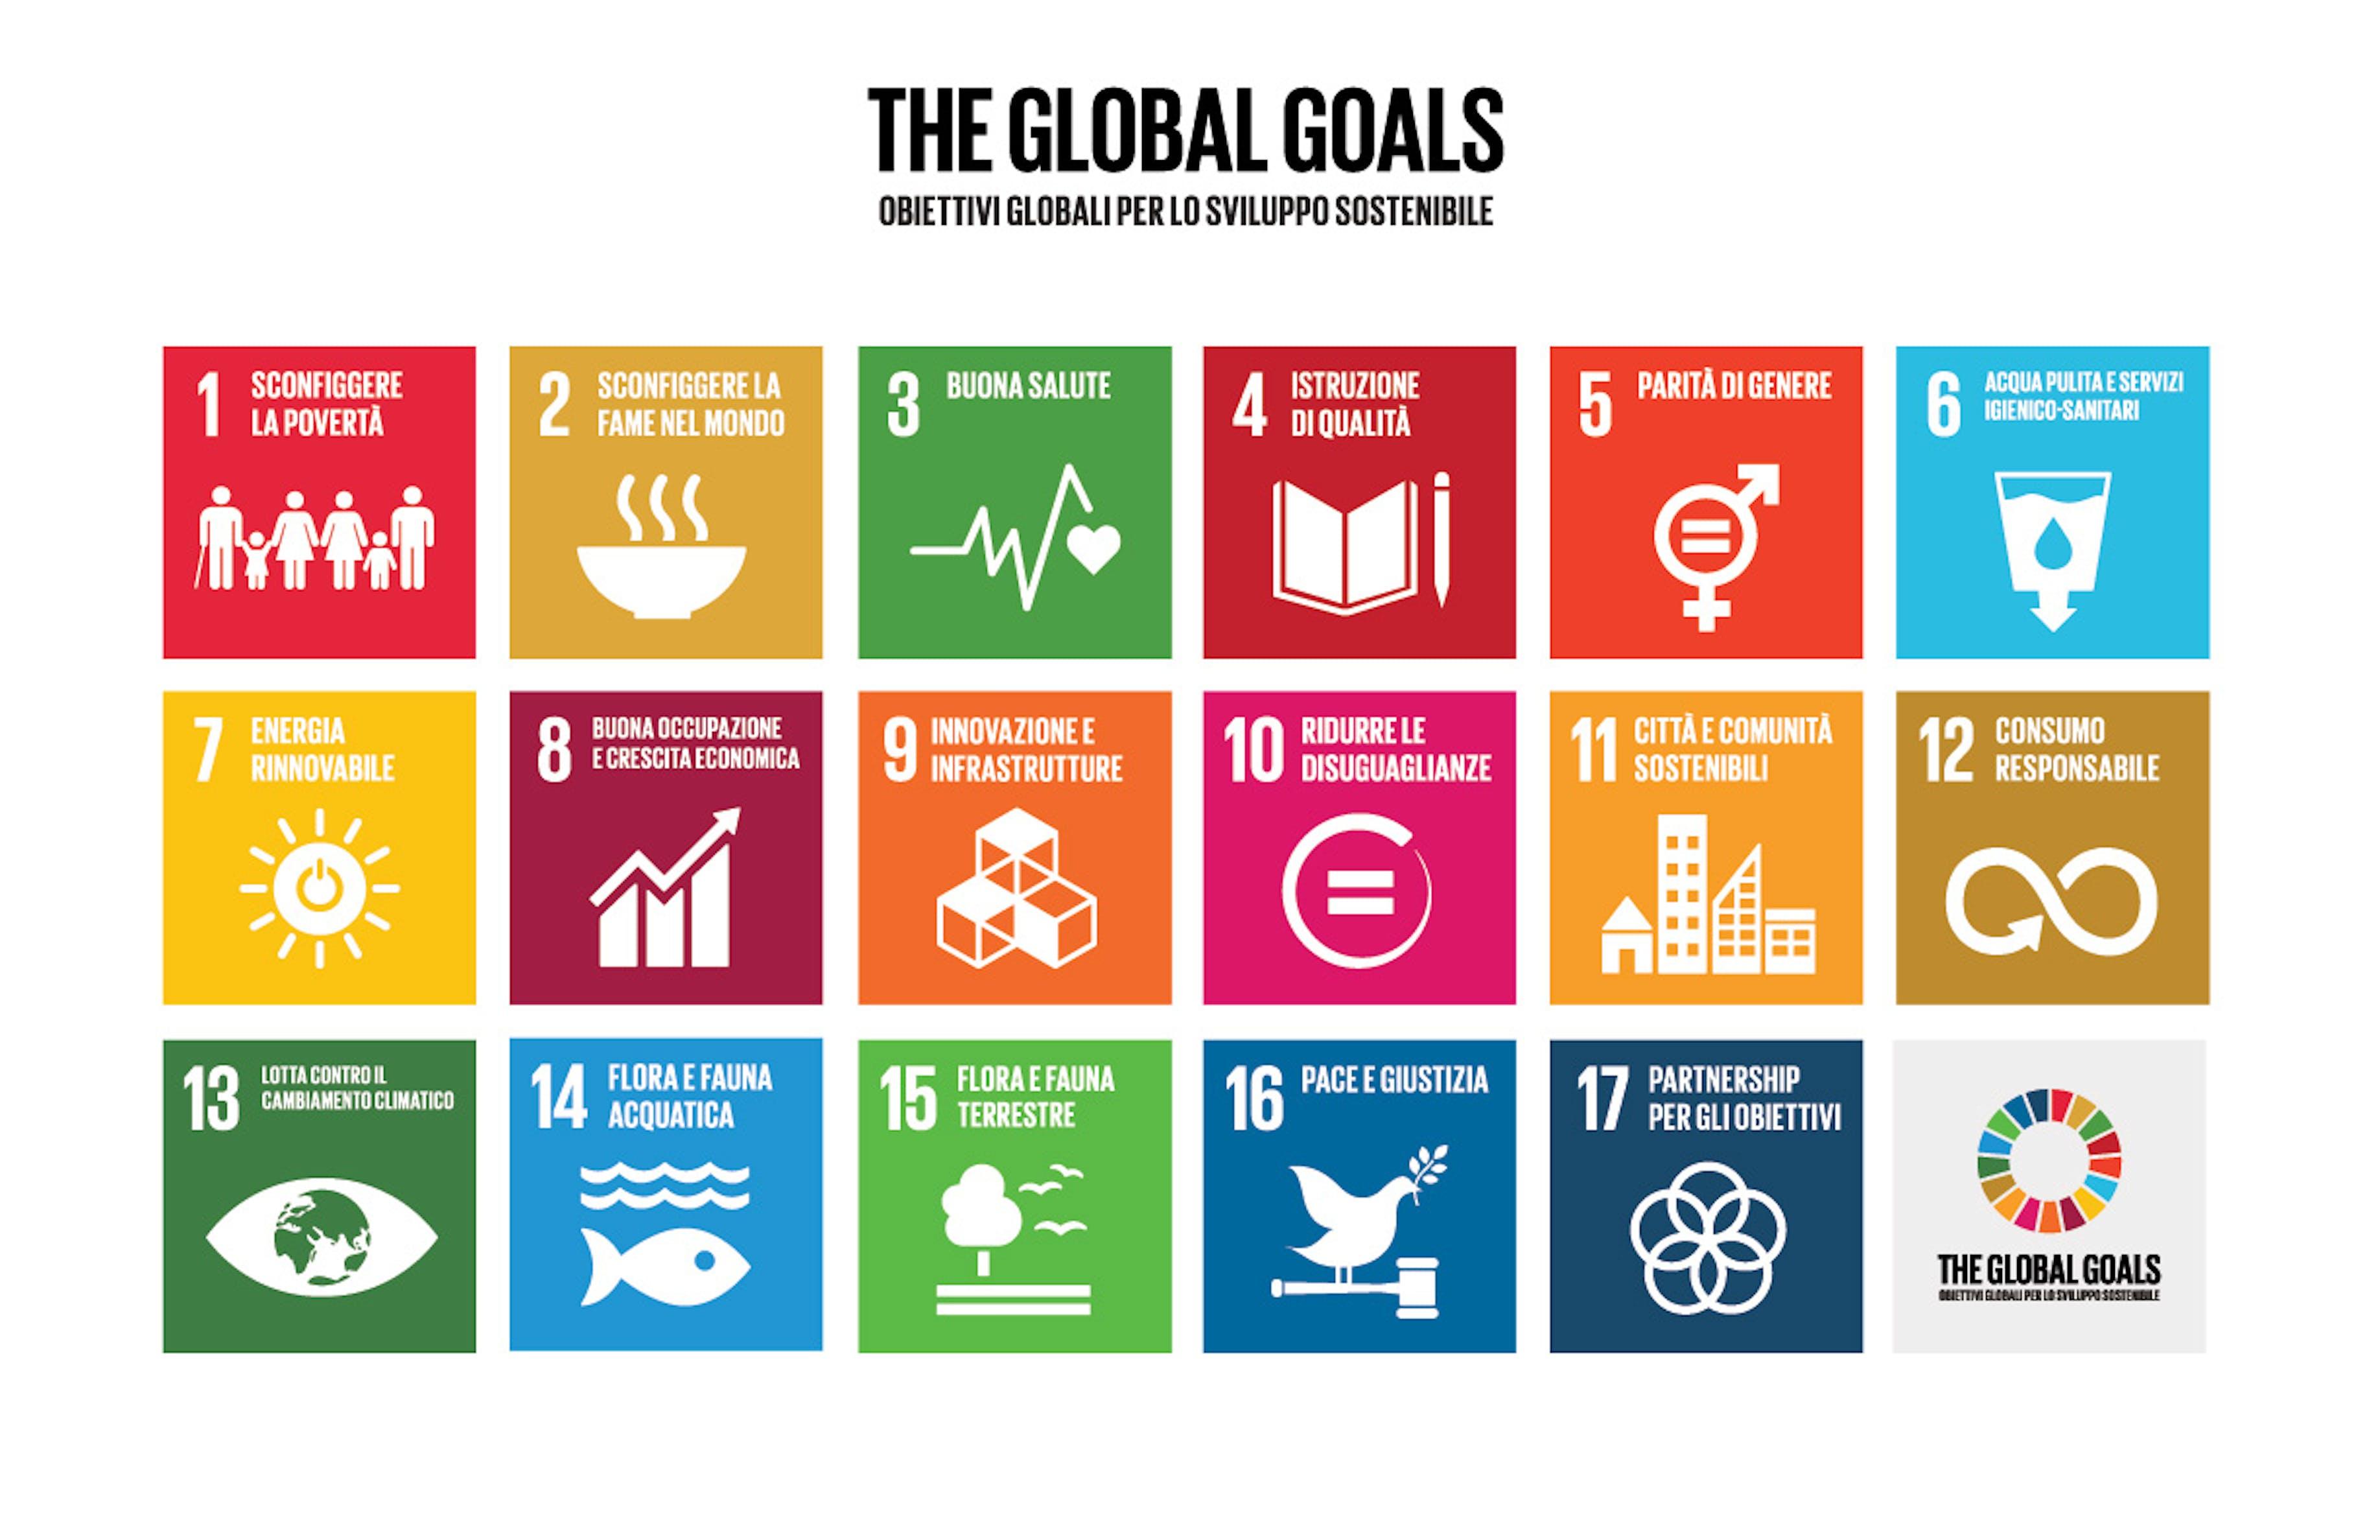 I 17 Obiettivi di Sviluppo Sostenibile (Sustainable Development Goals - SDG)